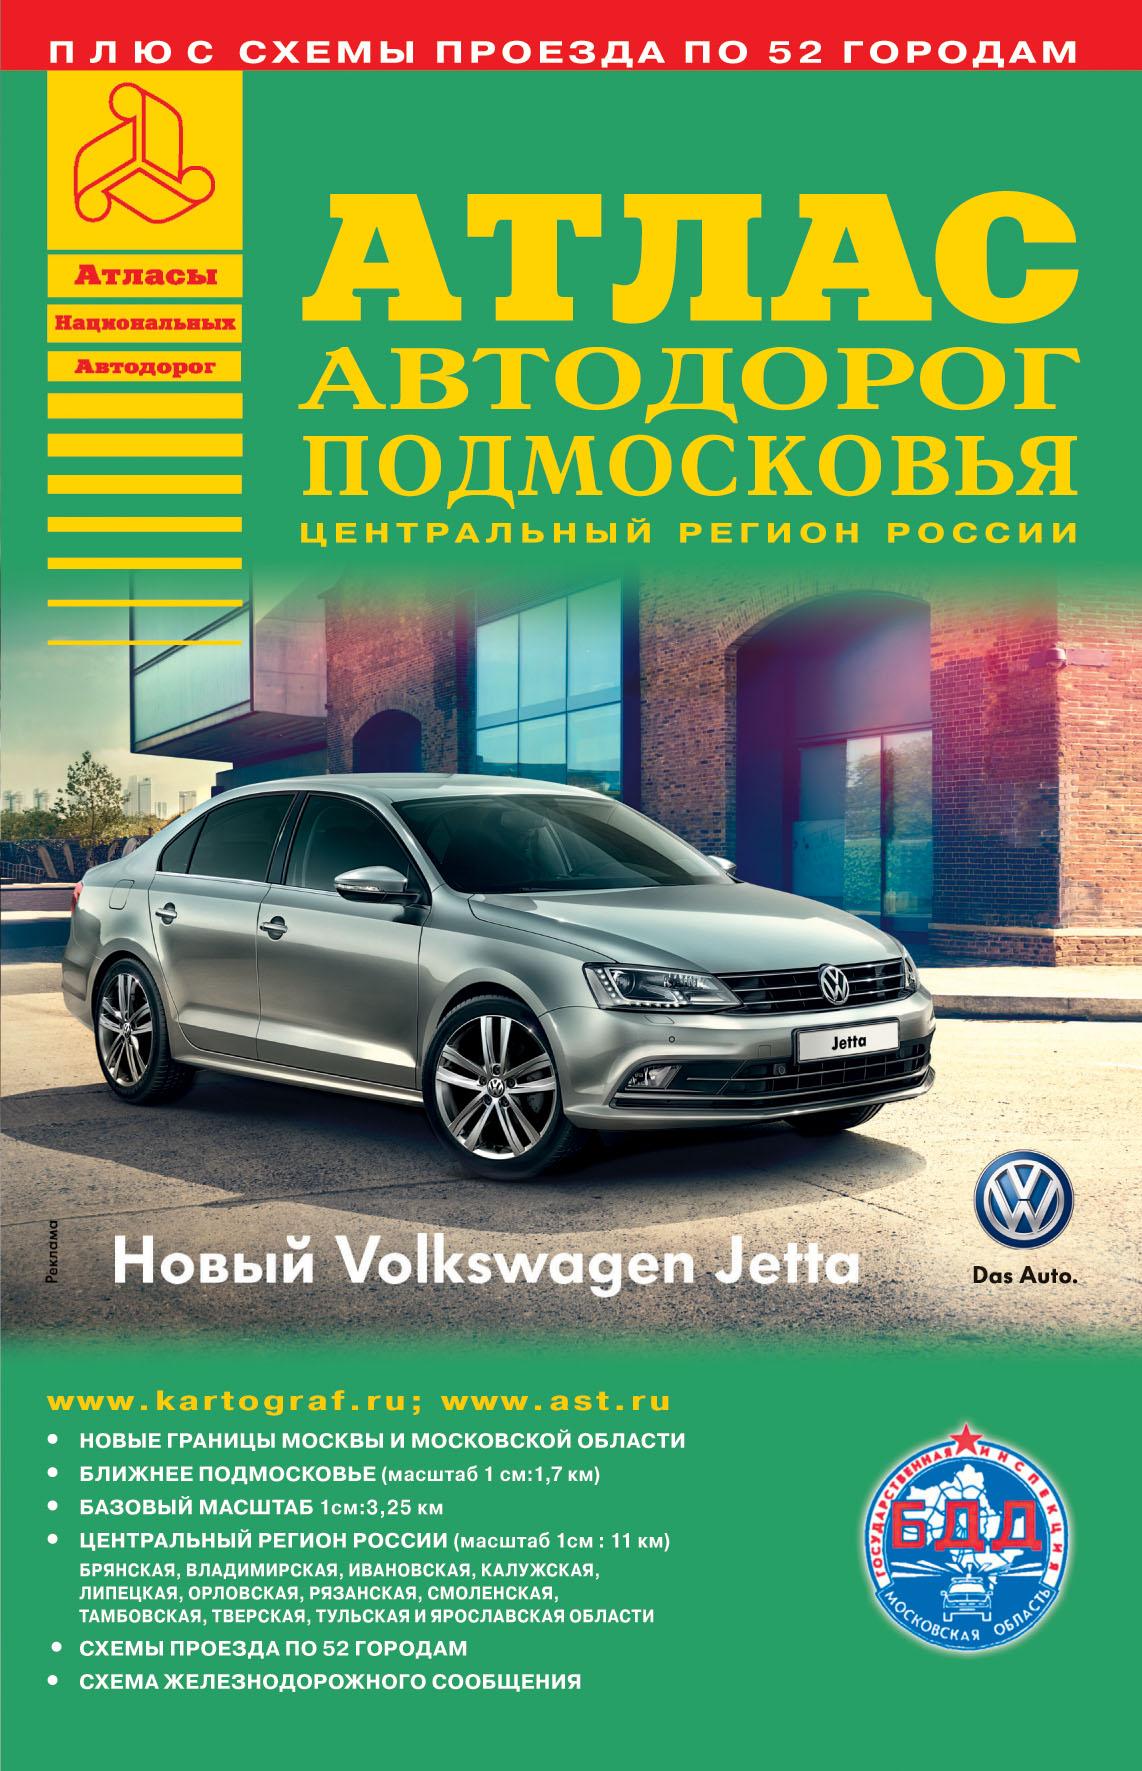 Атлас автодорог Подмосковья. Выпуск 2-15